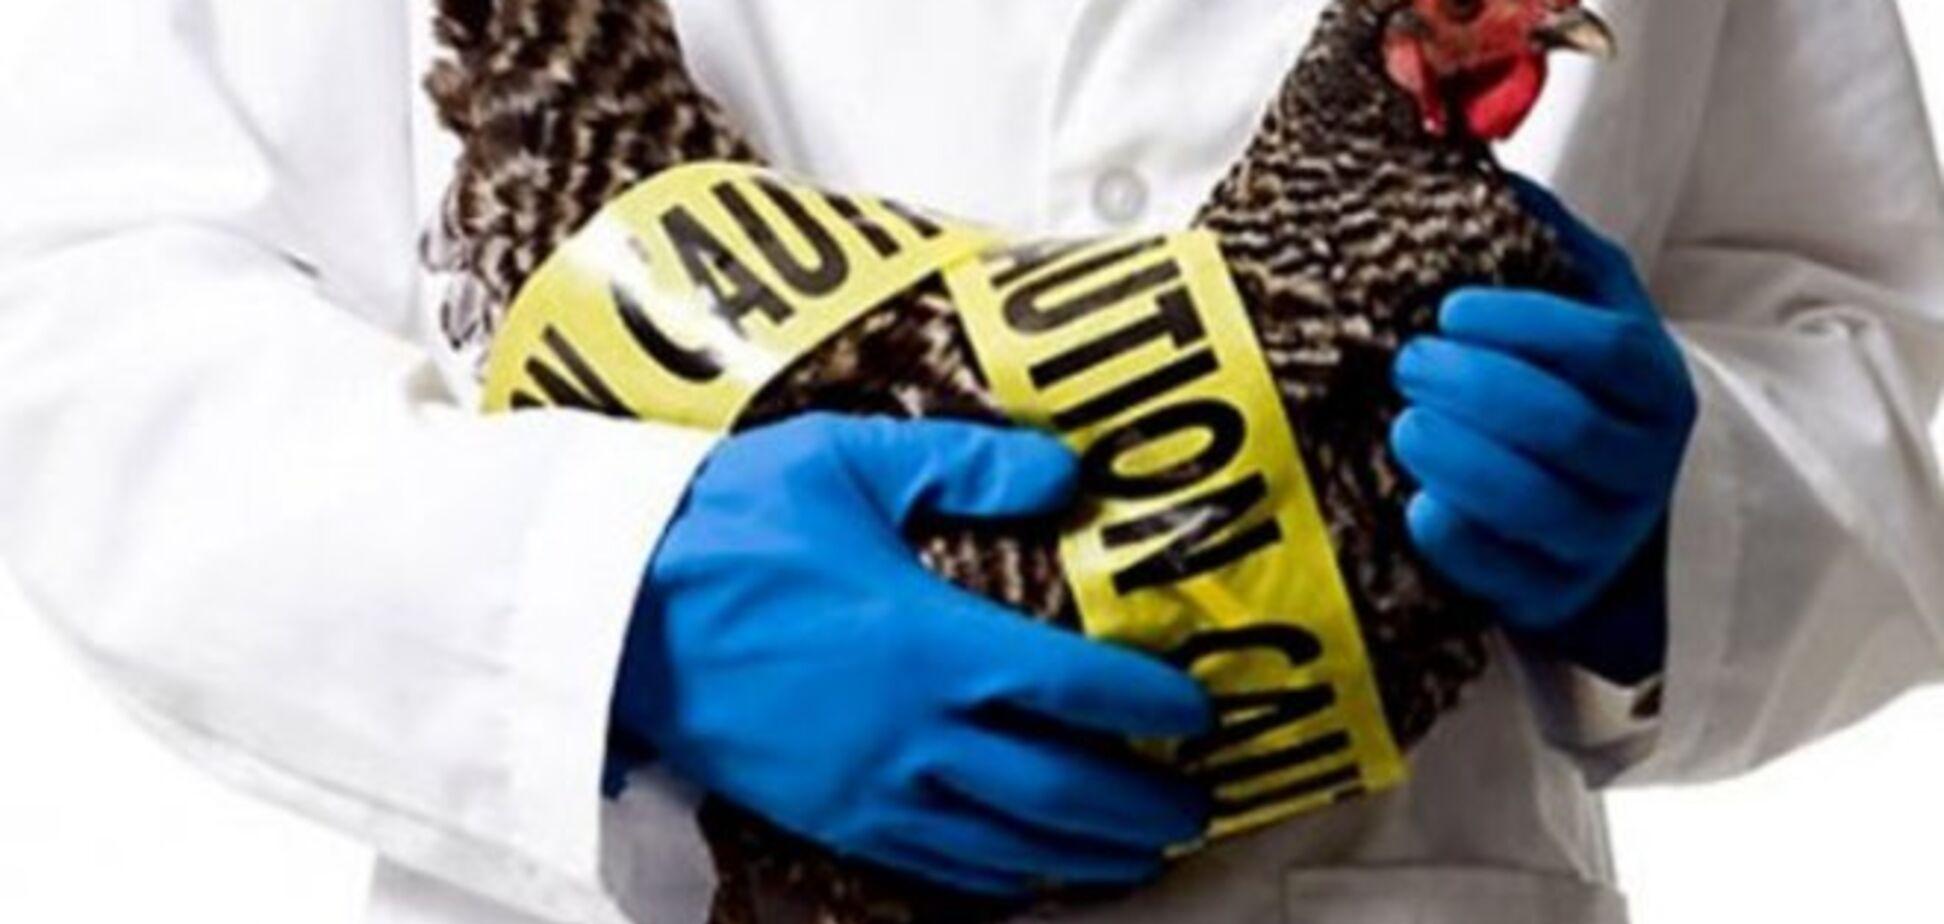 В лабораториях США создан смертельно опасный вирус